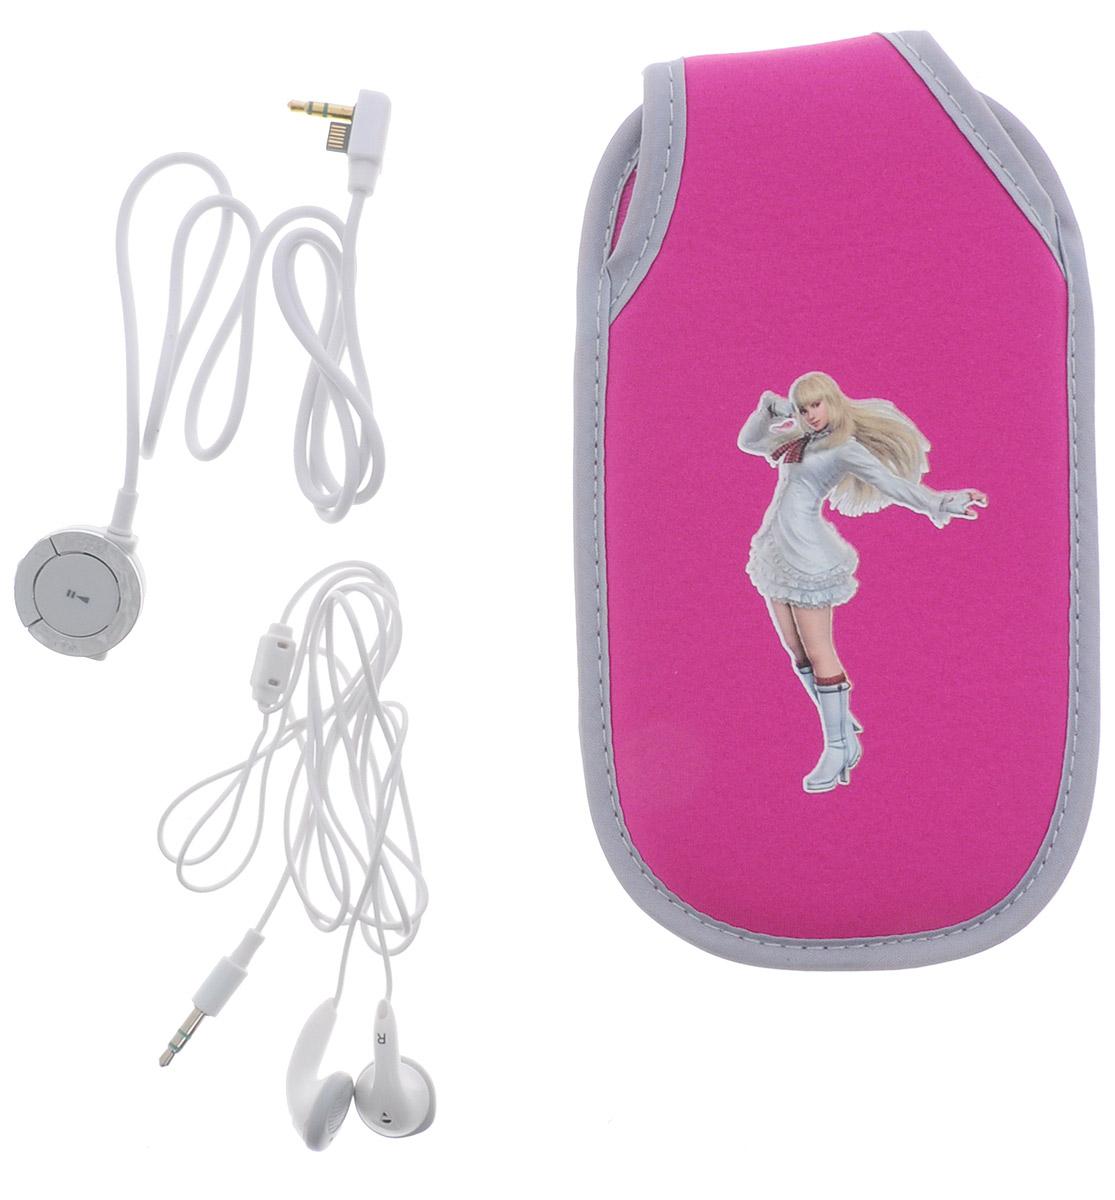 DVTech AC493 комплект аксессуаров для PSP Slim 3 в 14601250884936В комплект DVTech AC493 входят стереонаушники, которые комплектуются компактным пультом управления и клипсой для крепления на одежду. Мягкий чехол с кнопкой обеспечивает надежную защиту от царапин, внешних повреждений и загрязнений. С помощью защитной пленки вы обеспечите сохранность экрана PSP от отпечатков пальцев, пыли и прочих неблагоприятных факторов.